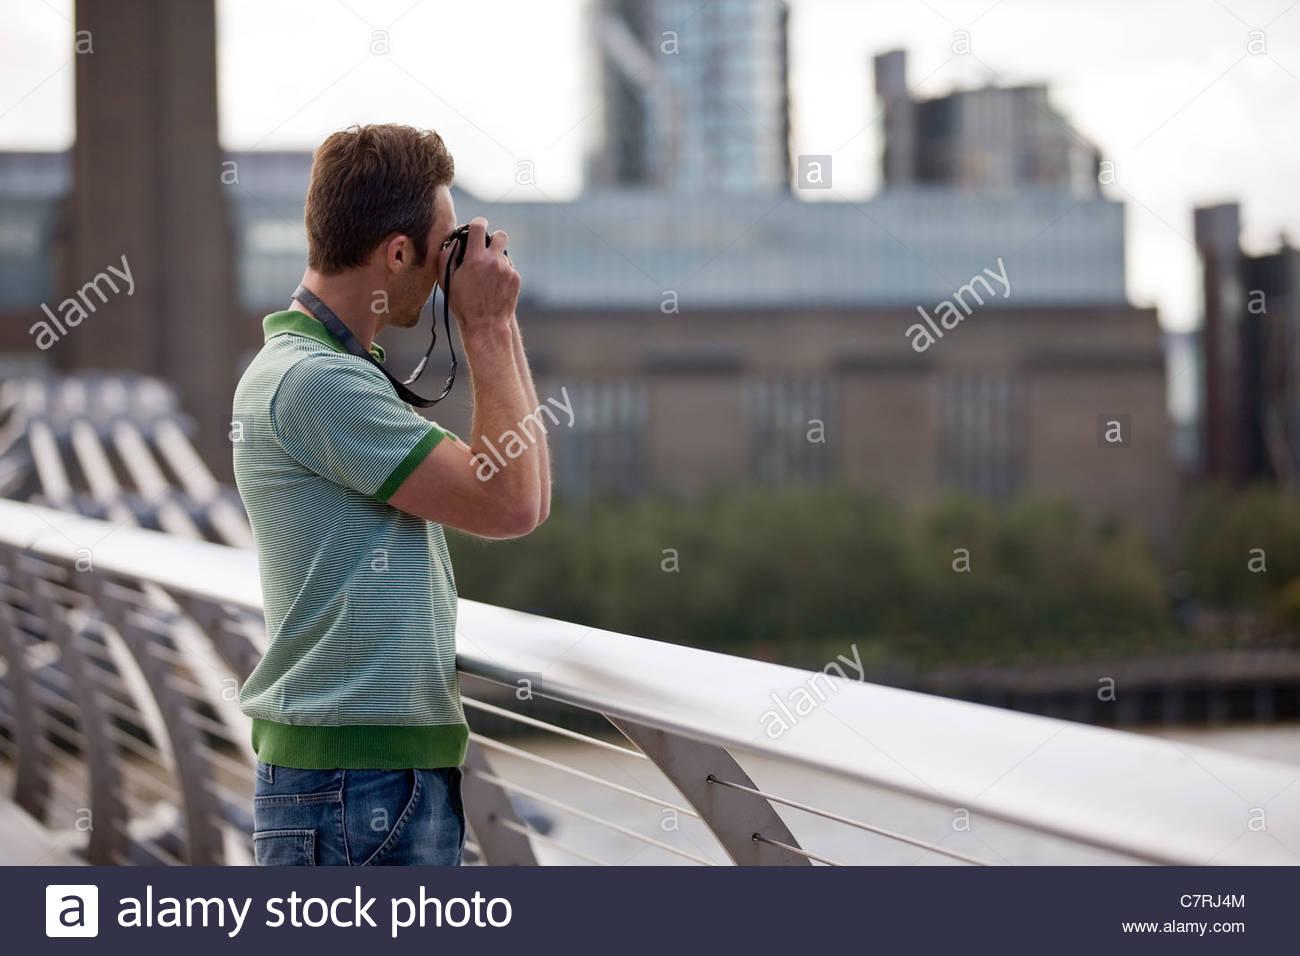 Una metà di uomo adulto in piedi sul Millennium Bridge, prendere una fotografia Foto Stock